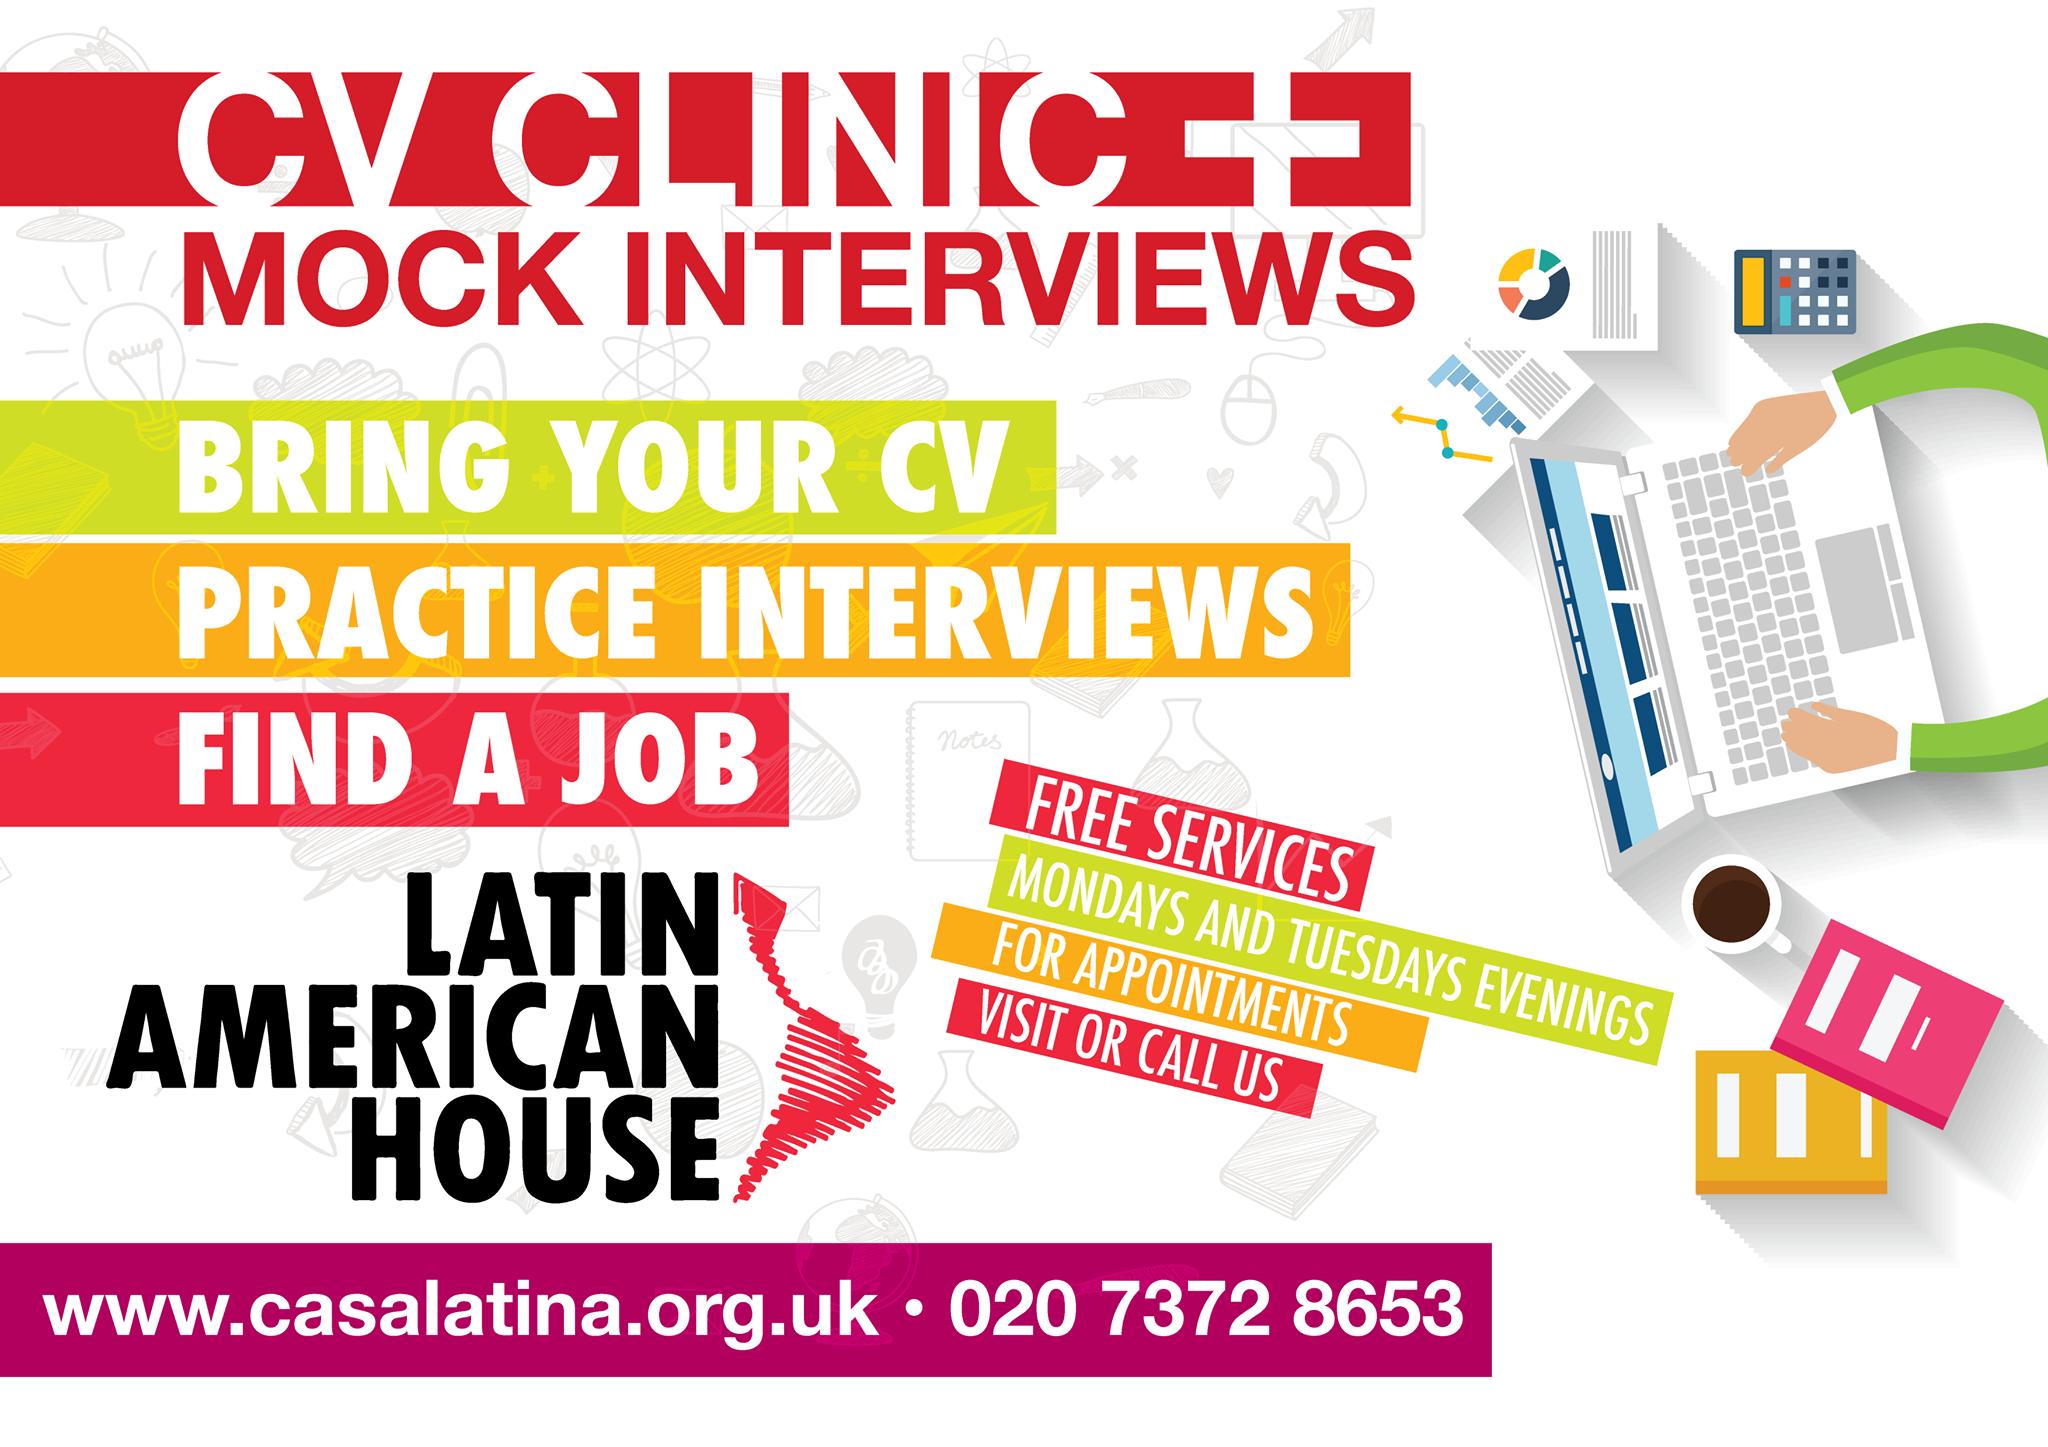 CV Clinic & Interviews